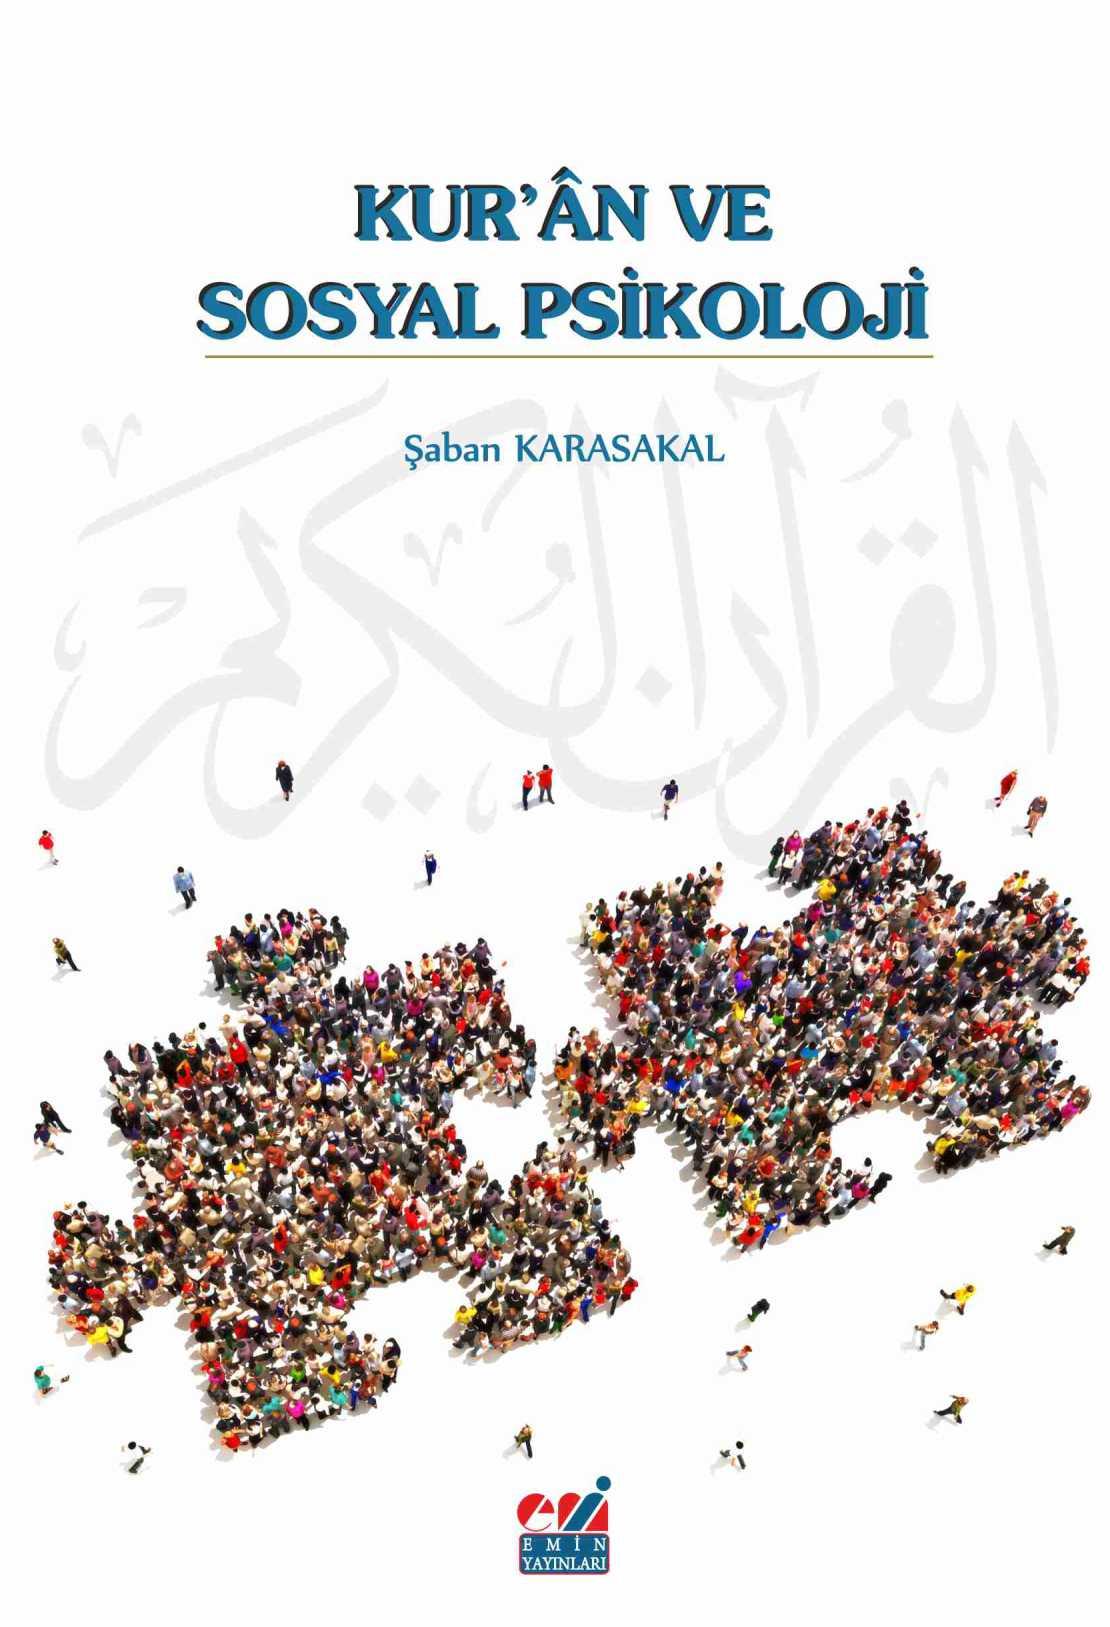 KUR'ÂN VE SOSYAL PSİKOLOJİ